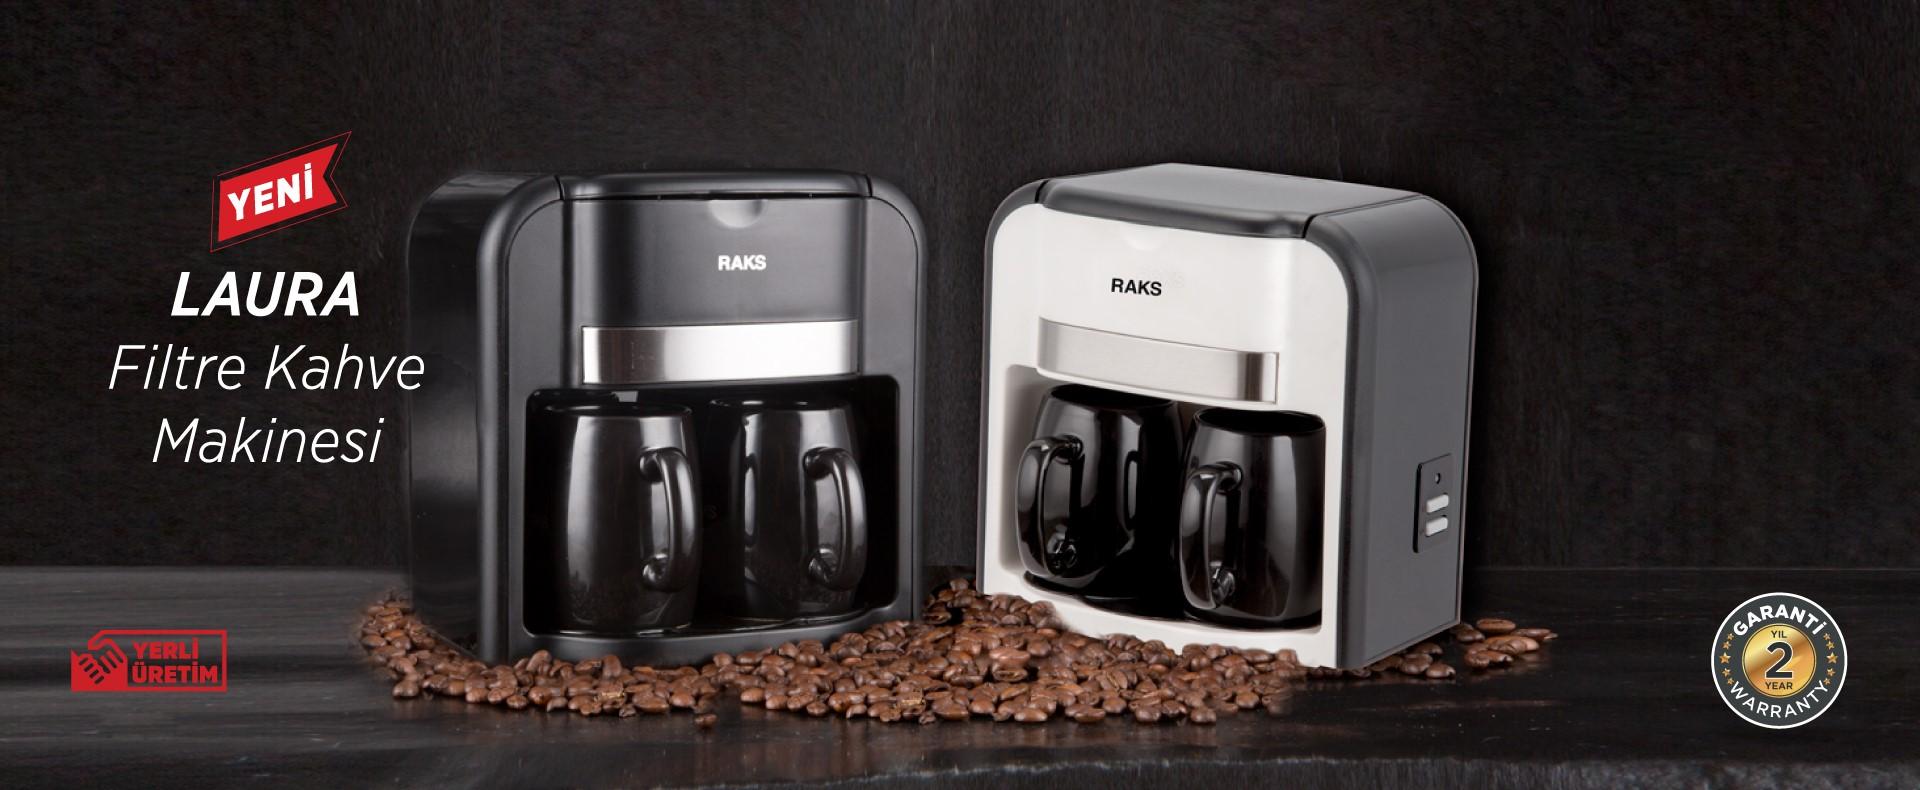 RAKS Laura Filtre Kahve Makinesi